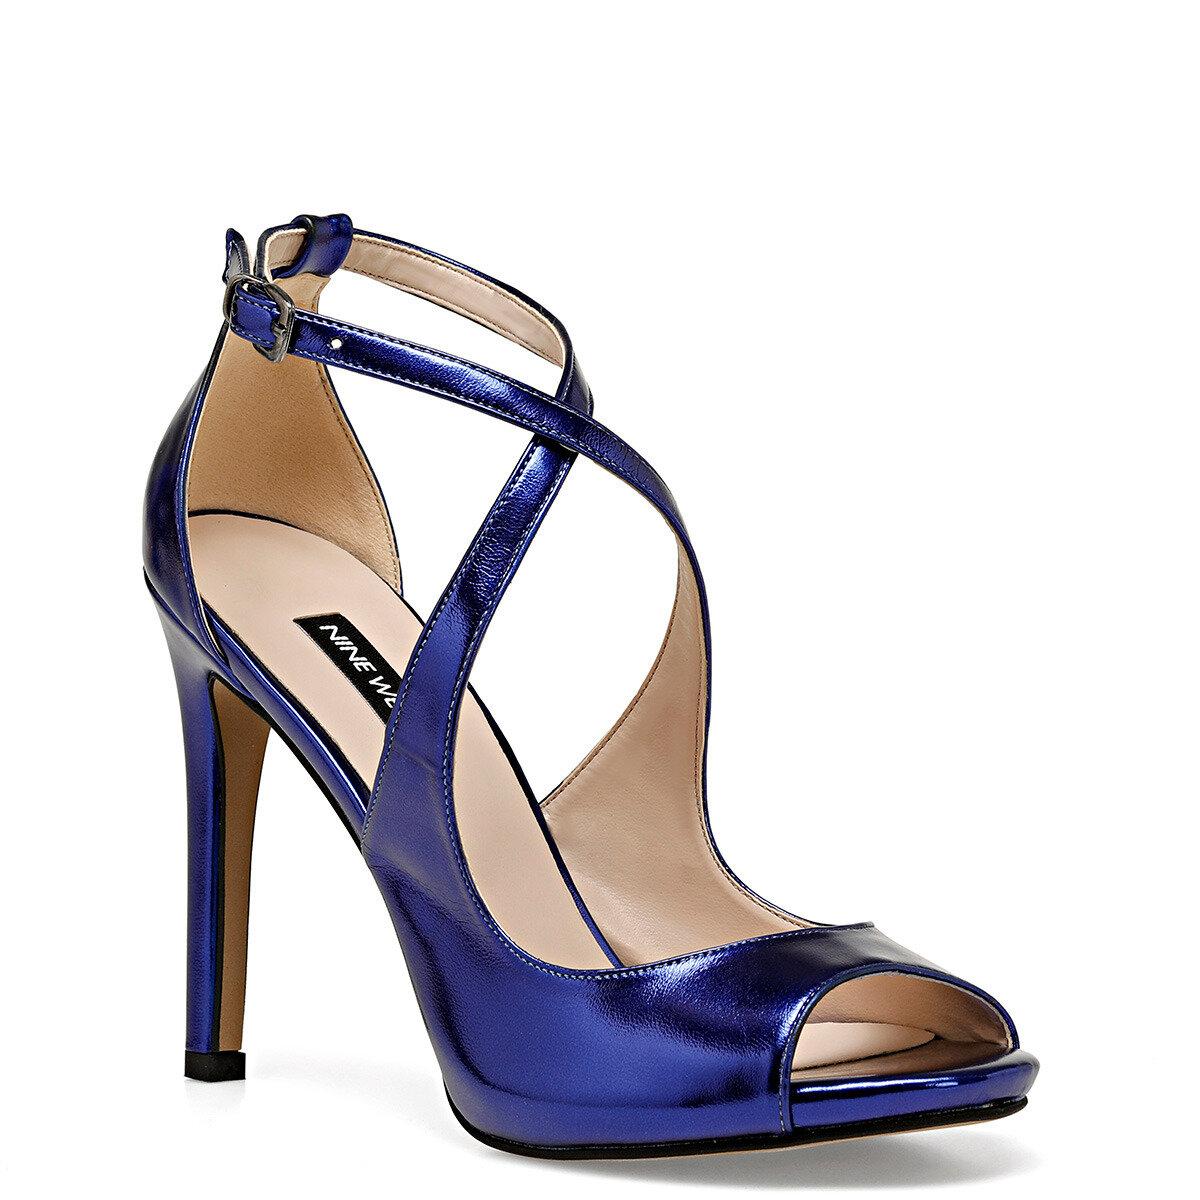 MILLA Saks Kadın Topuklu Ayakkabı